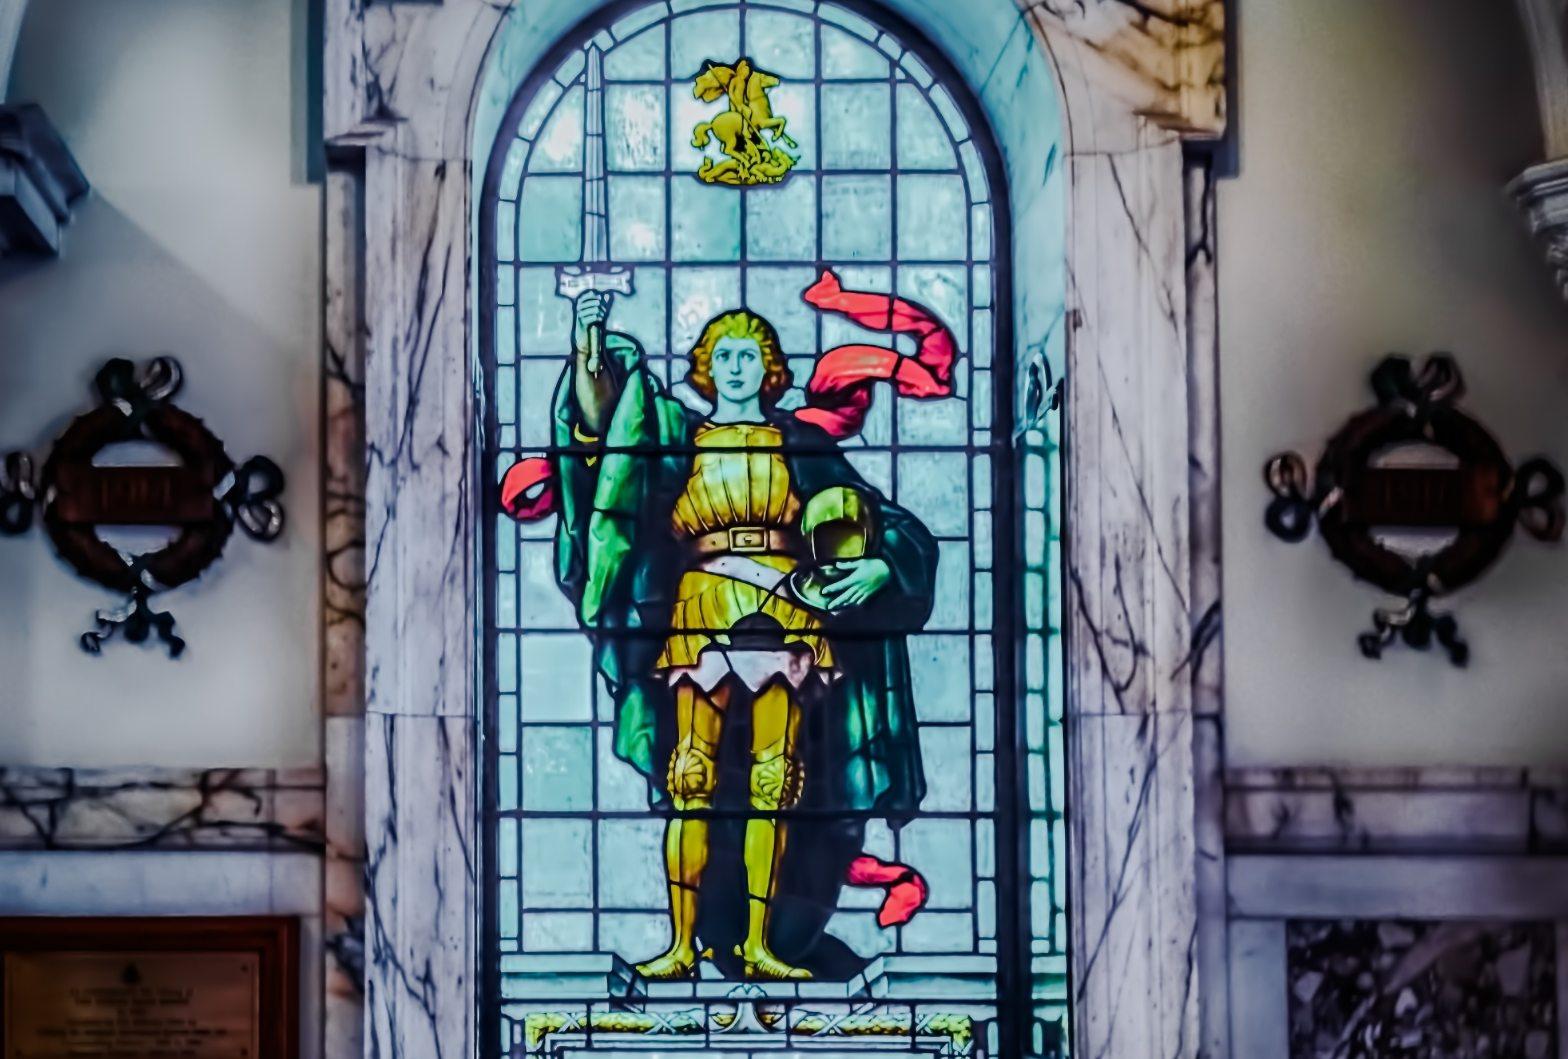 image of Irish warrior wielding sword